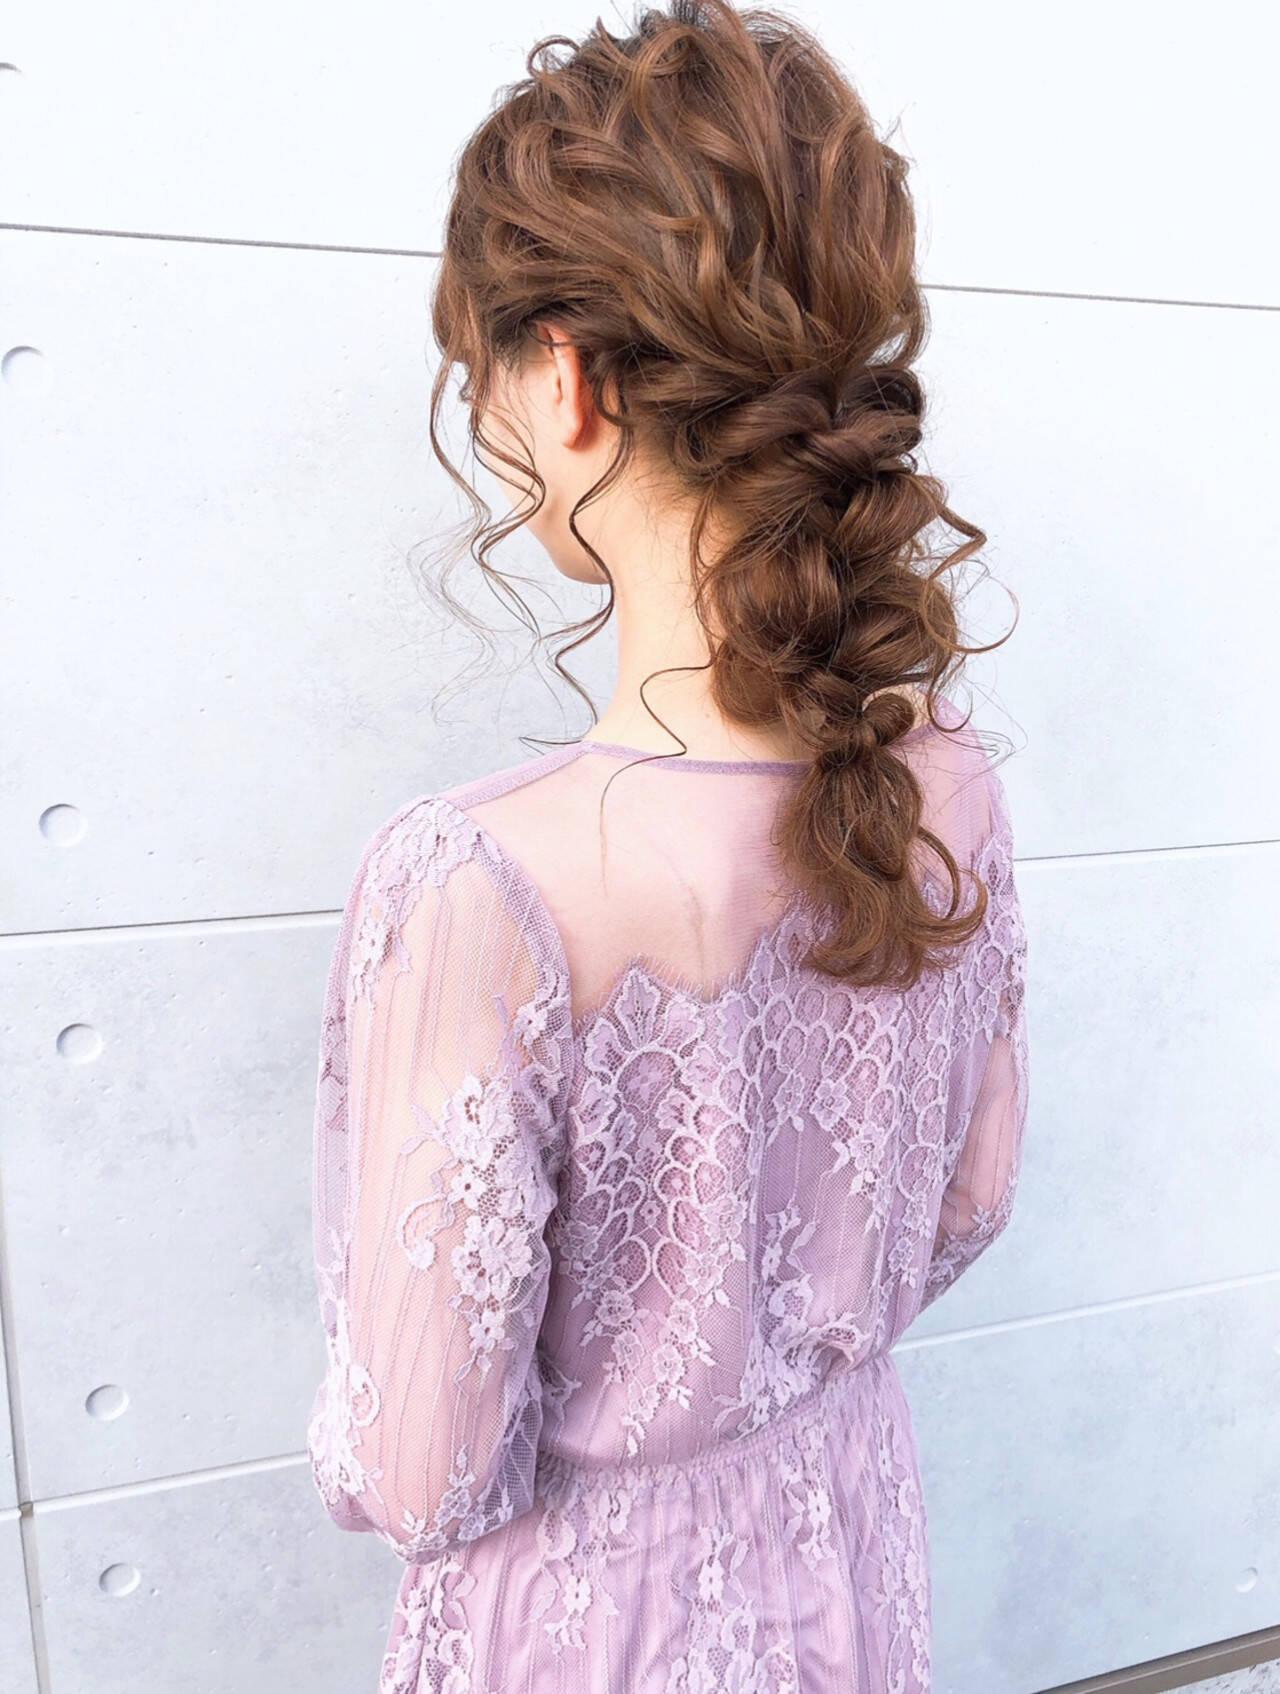 セミロング 編みおろしヘア ガーリー 編みおろしヘアスタイルや髪型の写真・画像